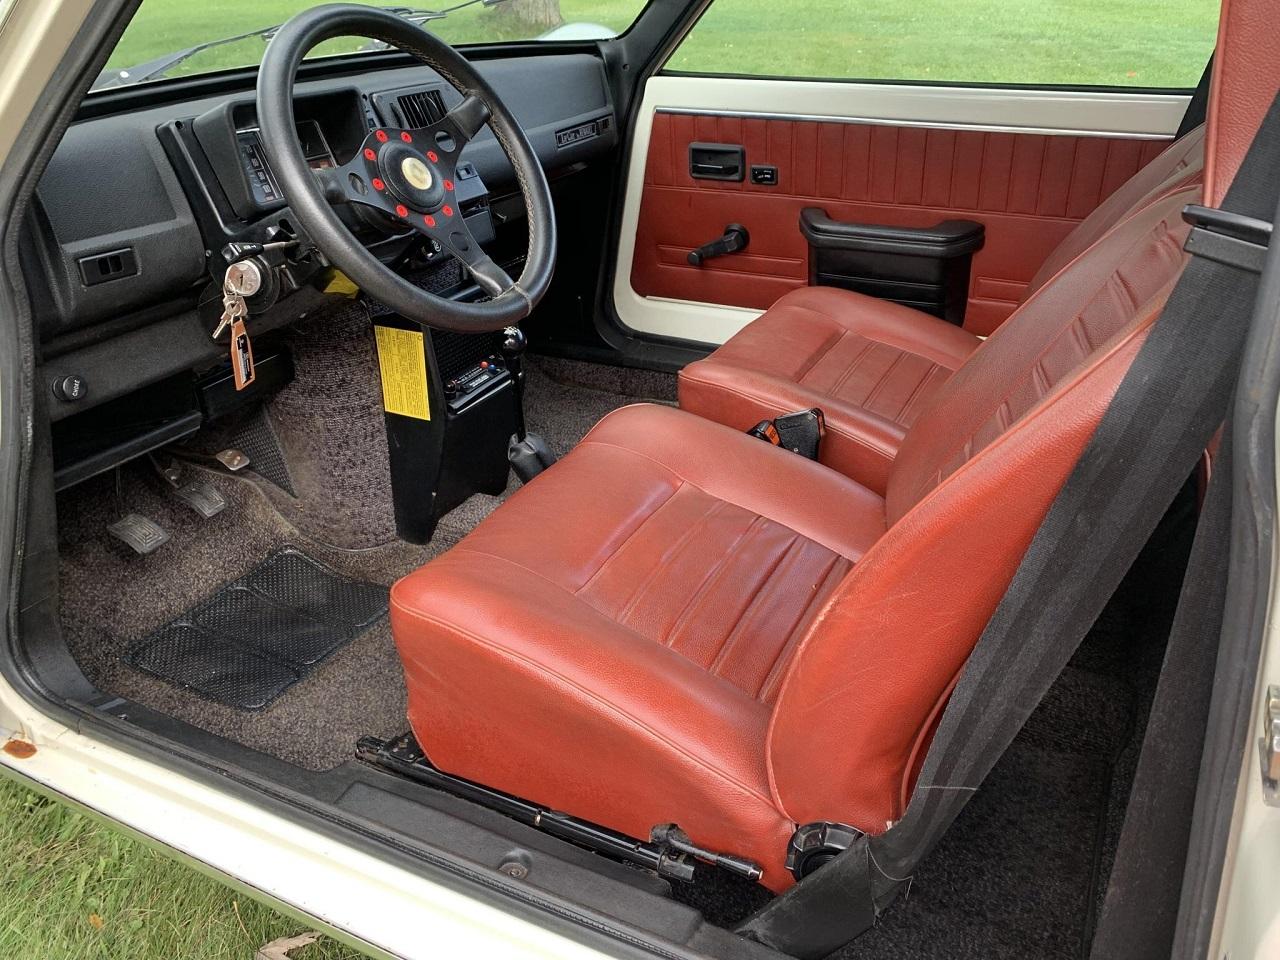 '79 Renault 5 Le Car - A la conquête de l'Amérique ! 13